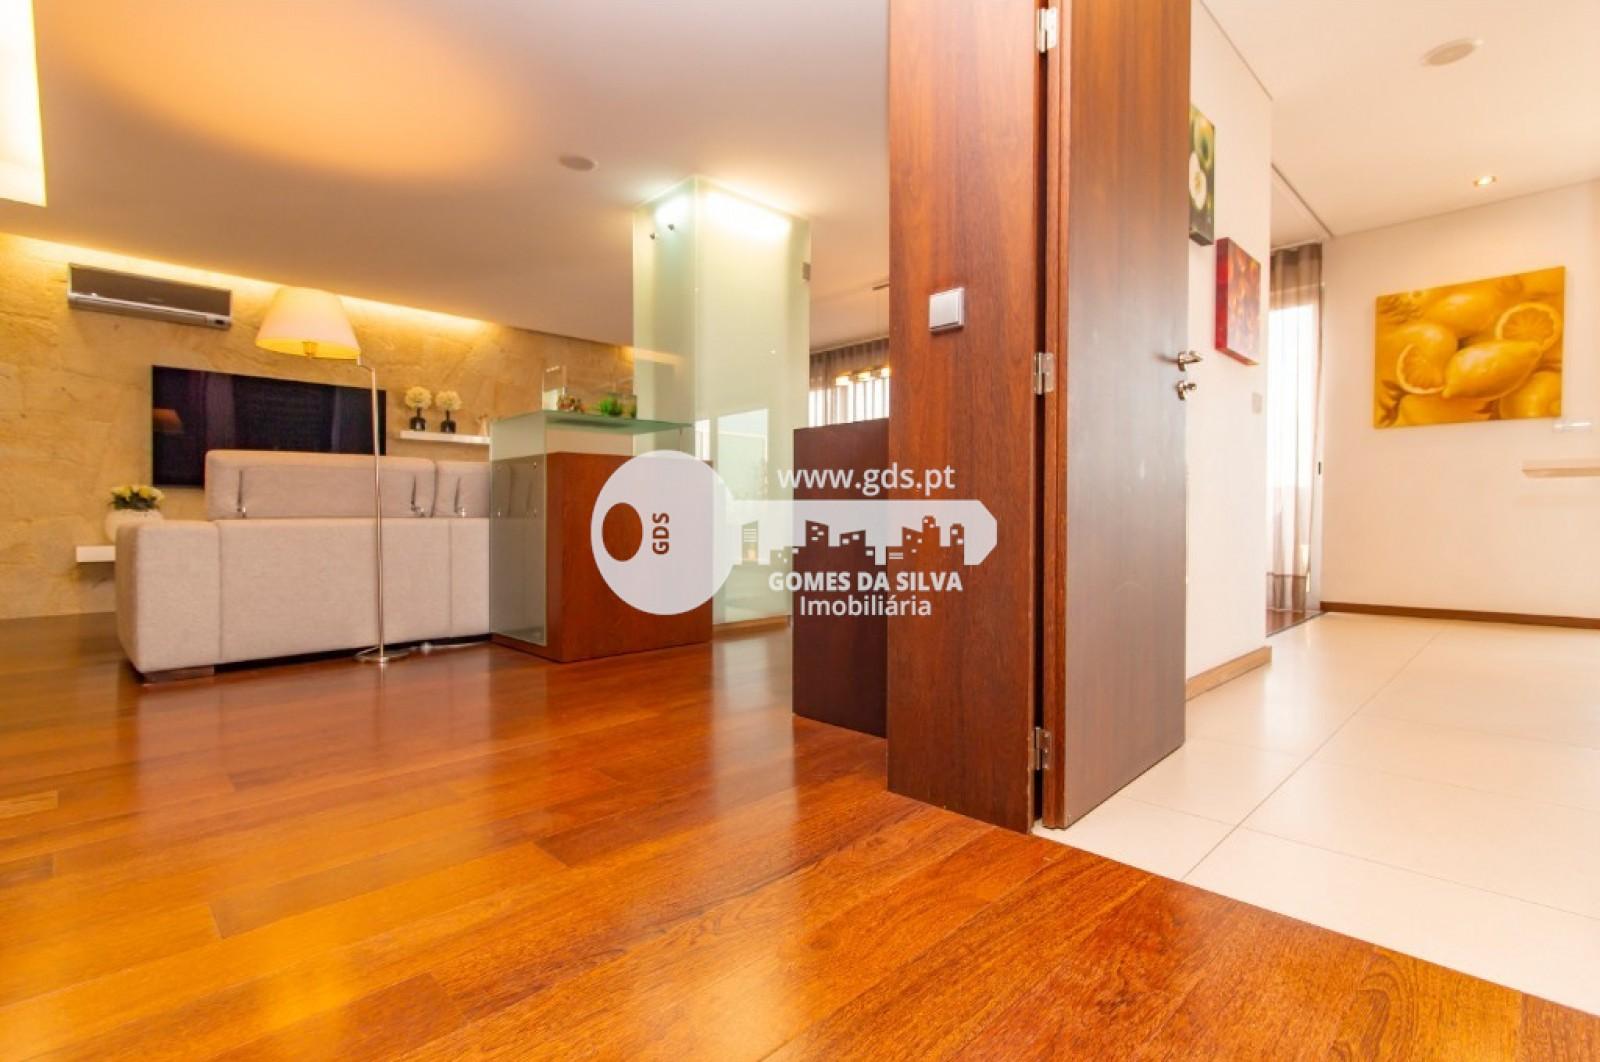 Apartamento T3 para Venda em Nogueira, Fraião e Lamaçães, Braga, Braga - Imagem 20